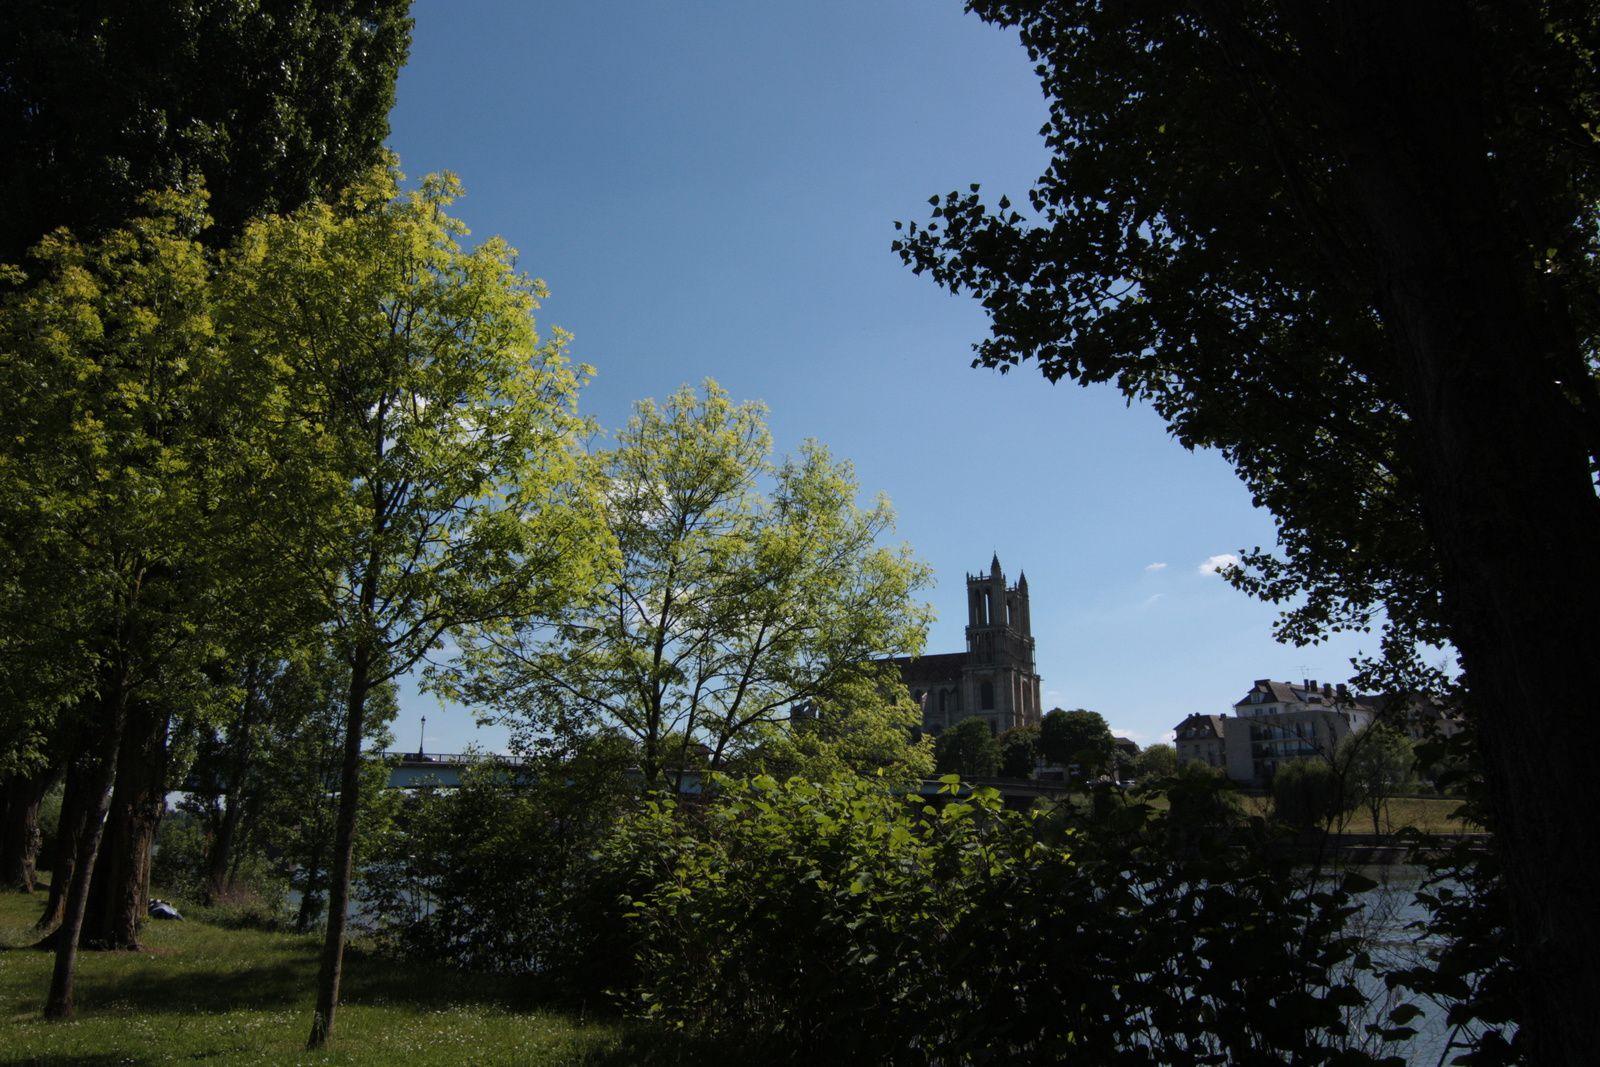 Sur la dernière photo, les résidences du quartier des Bords de Seine, où je vis.. Faire des photos de ce quartier pour l'association des Bords de Seine était le but de cette sortie photo..